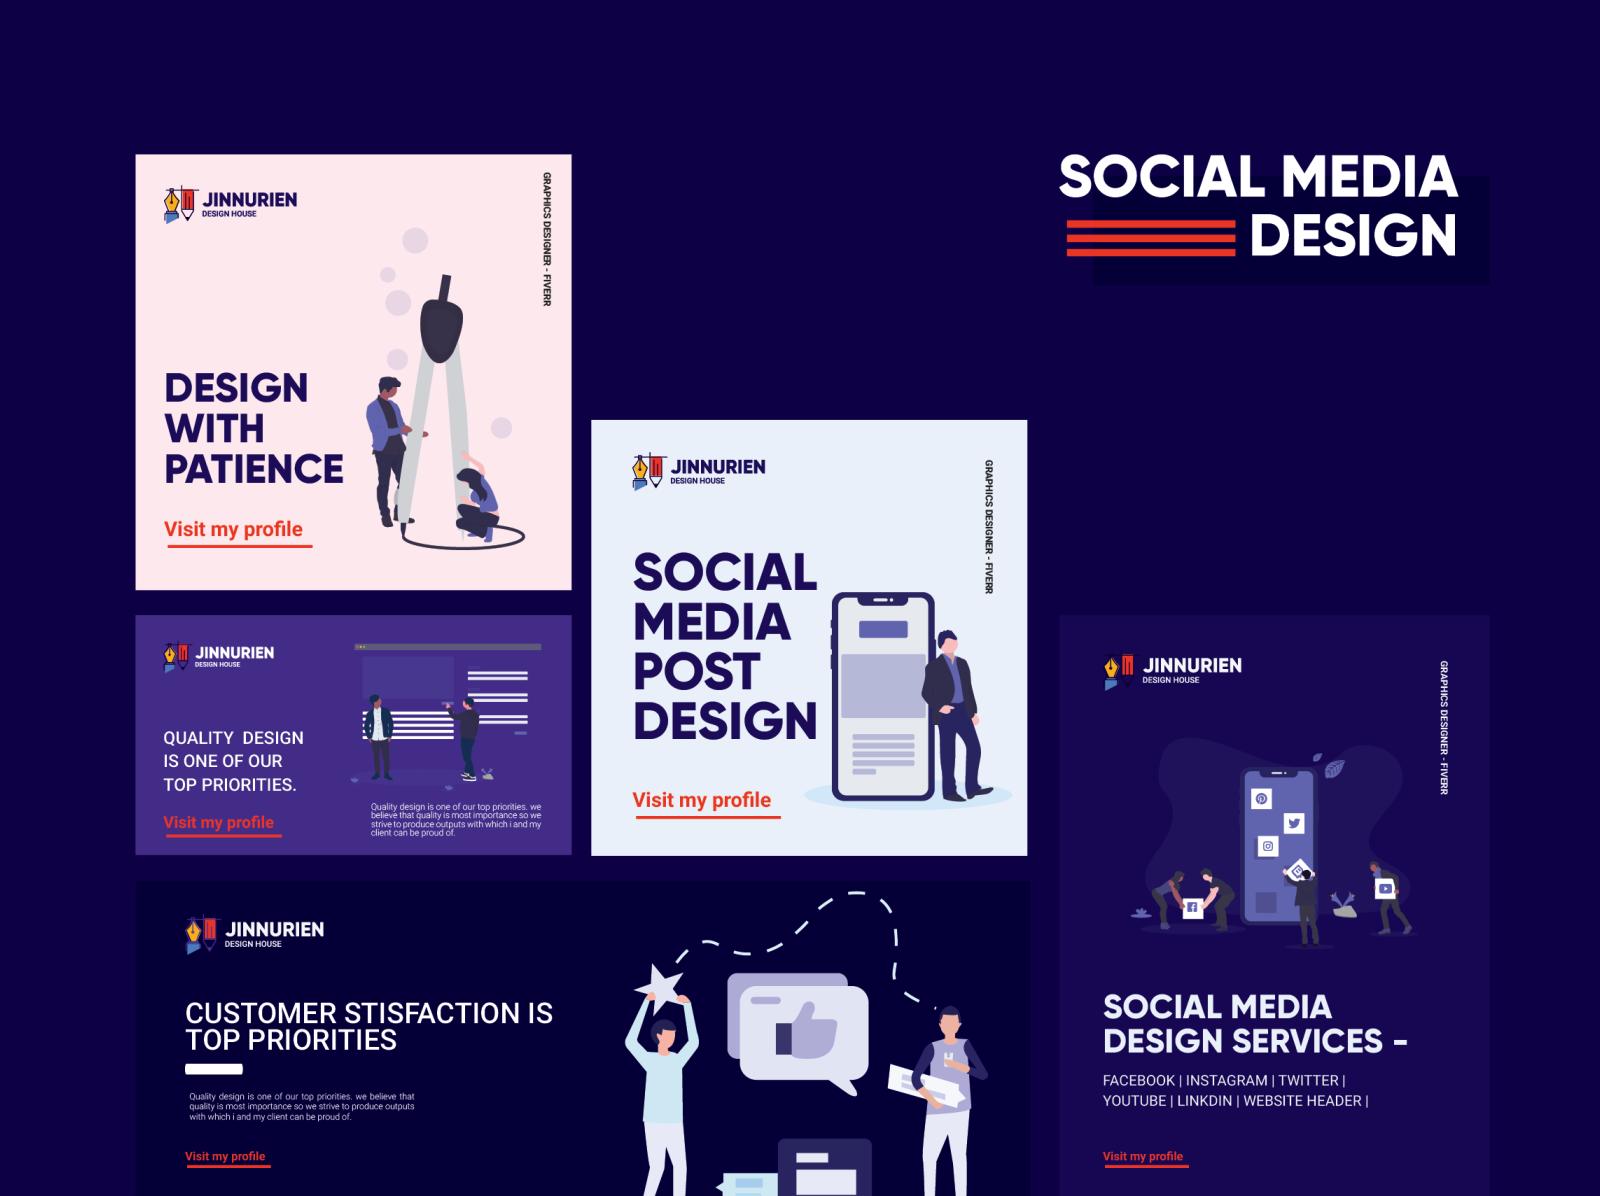 Personal Social Media Post Design By Jinnurien Nuraien On Dribbble